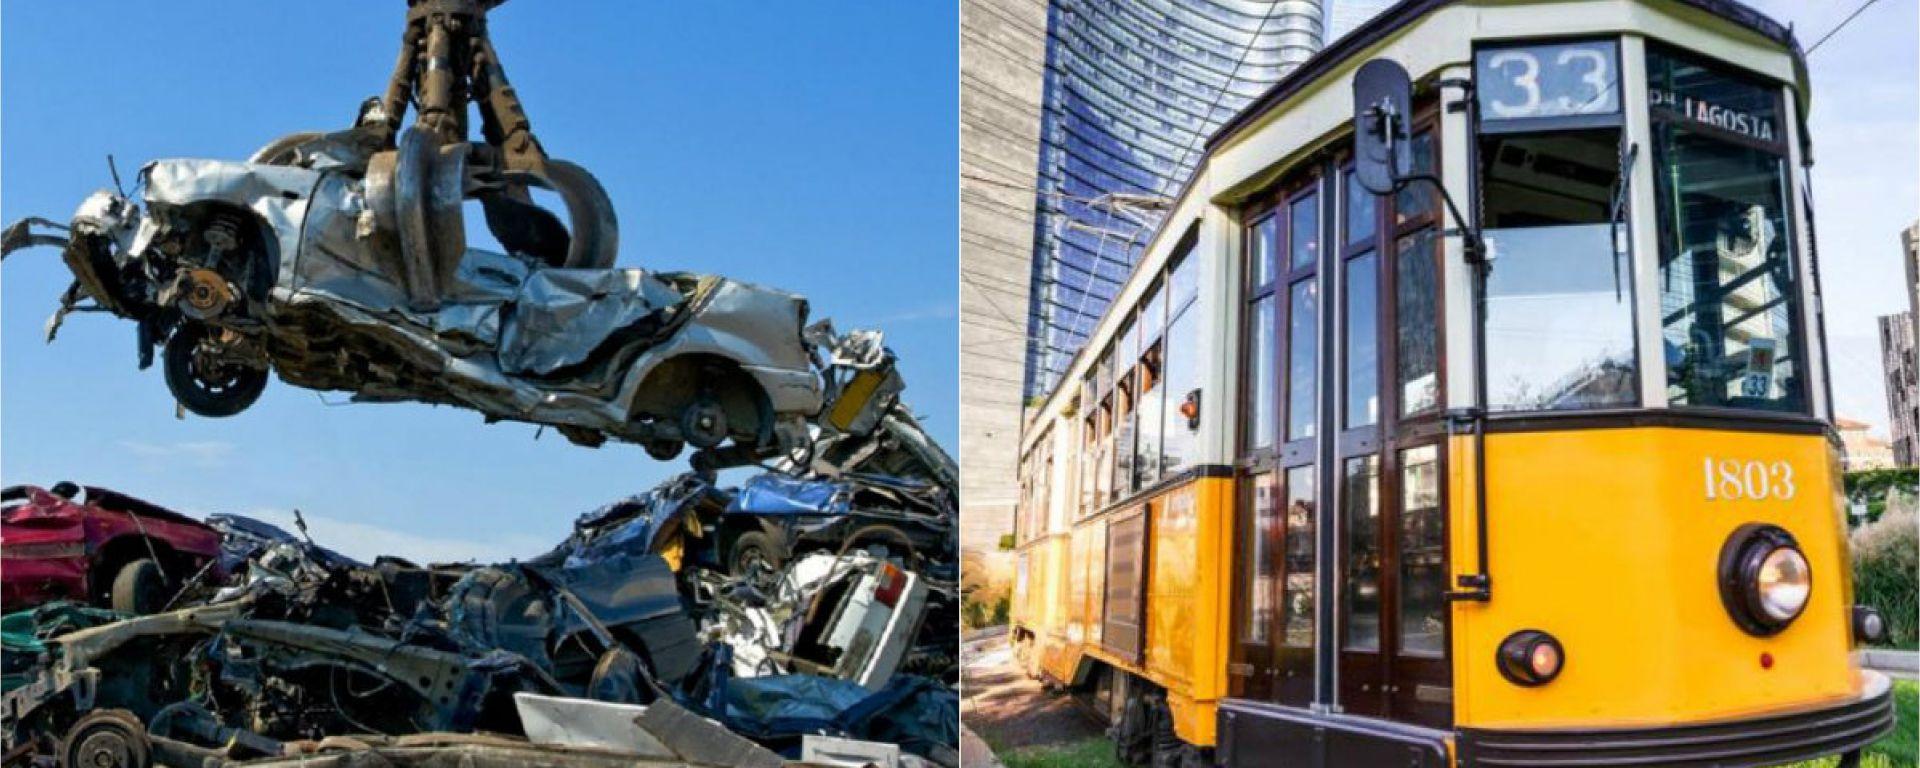 Area B: a Milano abbonamento mezzi pubblici a un terzo del prezzo per chi rottama